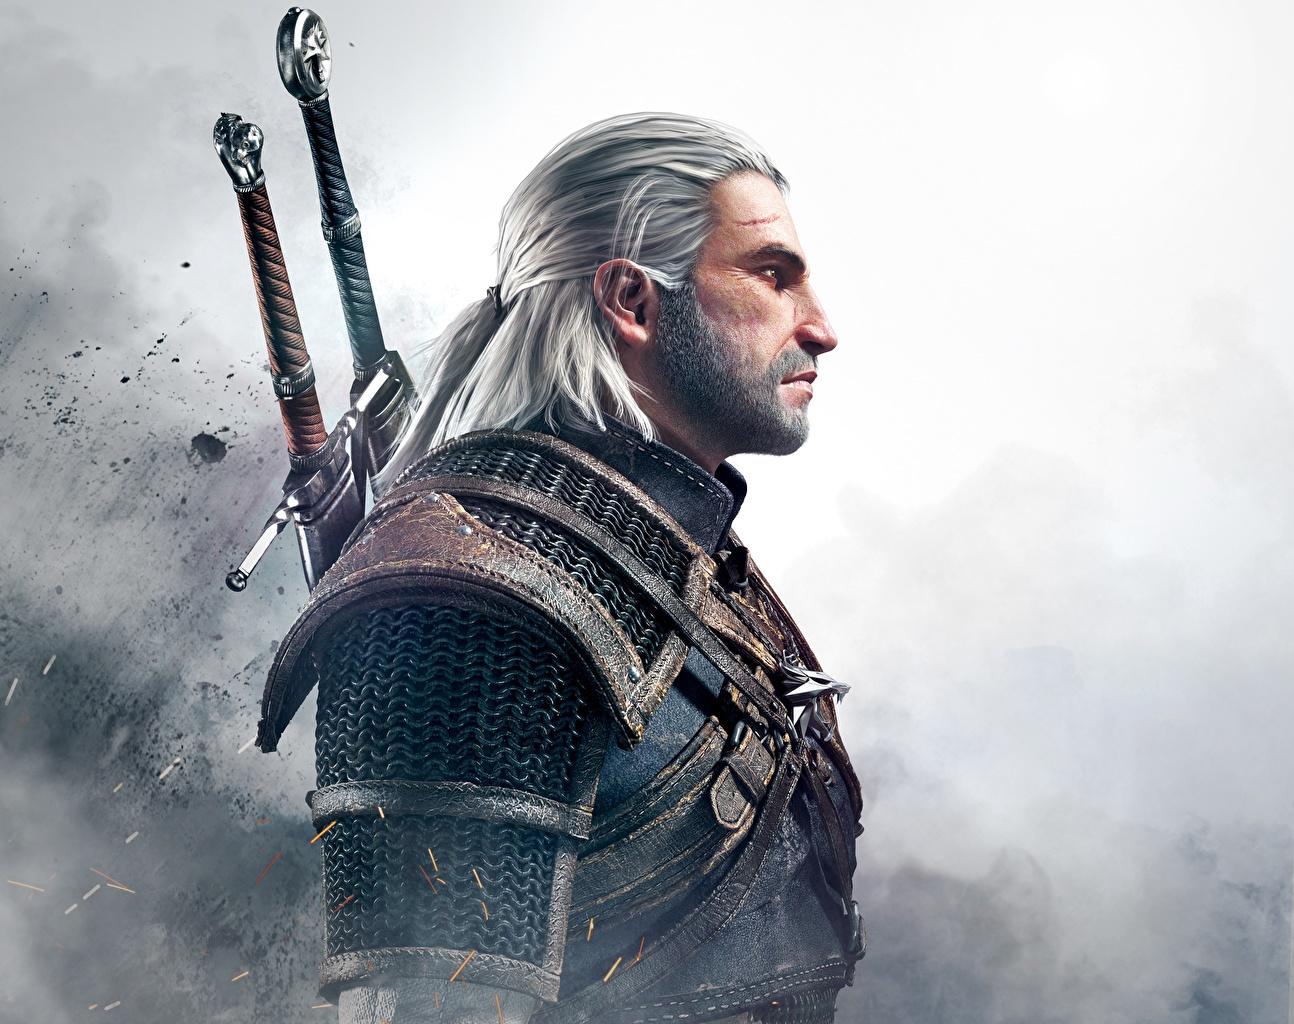 Картинки Ведьмак 3: Дикая Охота Геральт из Ривии воины Мужчины Фантастика Игры The Witcher 3: Wild Hunt воин Воители мужчина Фэнтези компьютерная игра